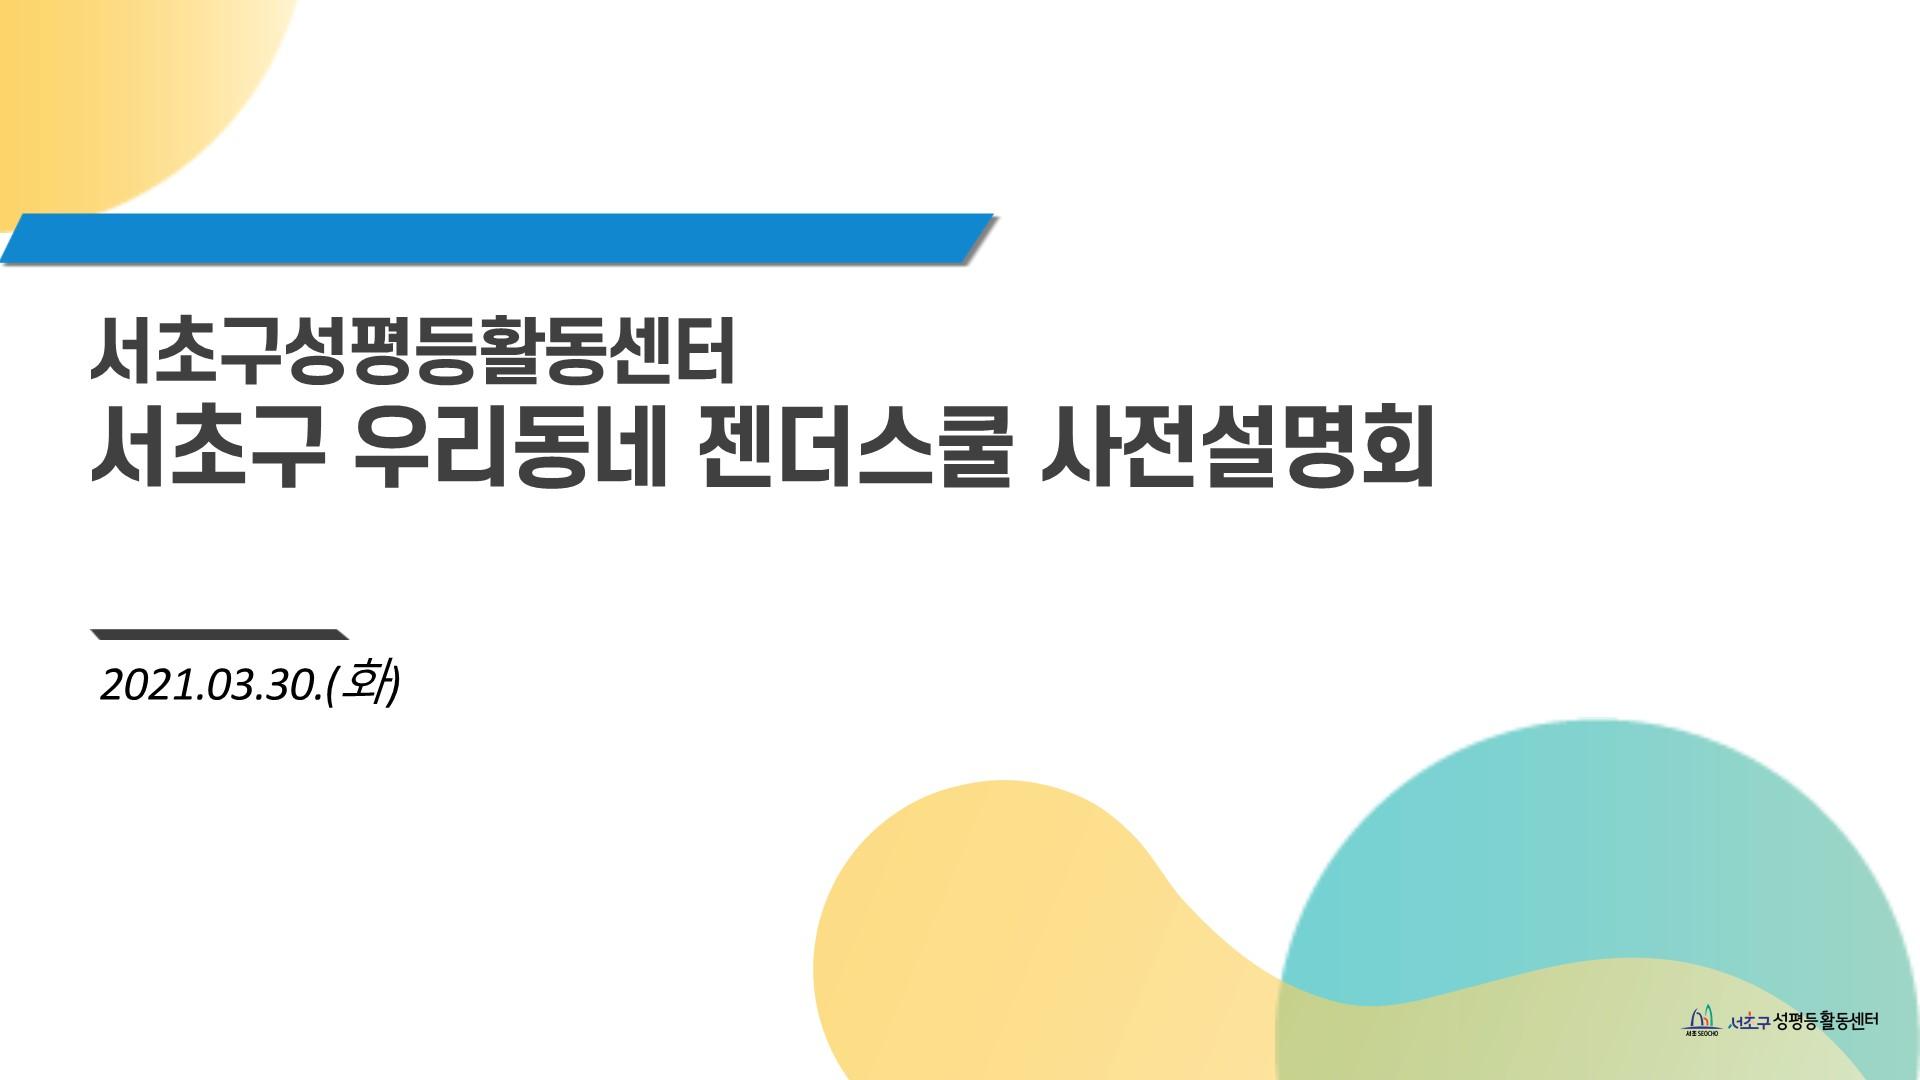 서초구 우리동네 젠더스쿨 사전설명회_오프닝.jpg